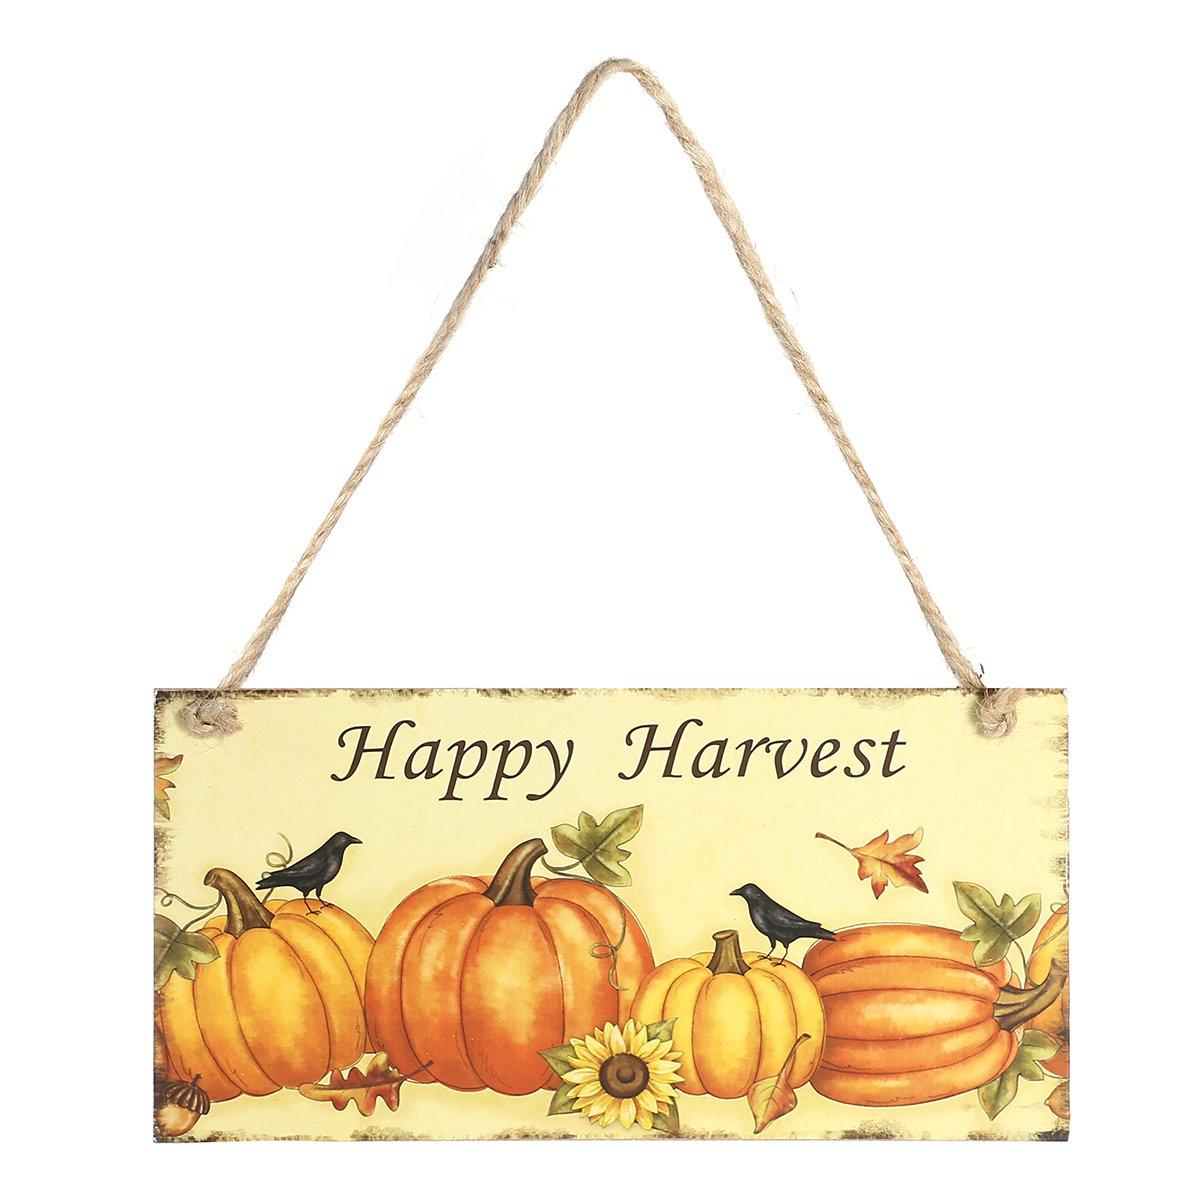 Amazon.com: LUOEM Thanksgiving Decorations Hanging Plaque Sign Door ...